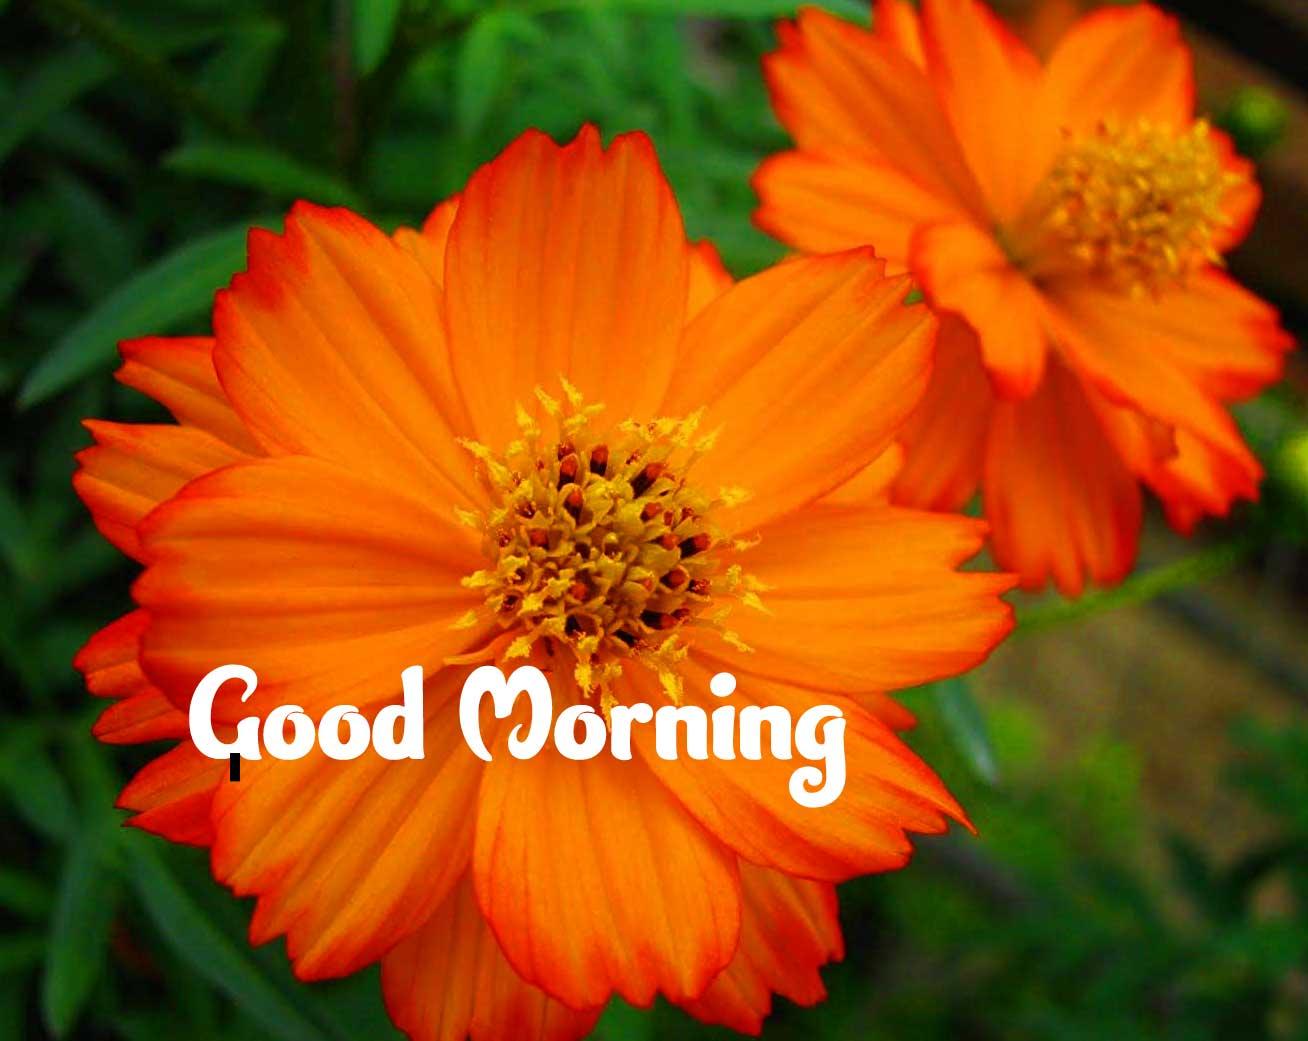 Amazing 1080 p Good Morning 4k ImagesWallpaper Free Download